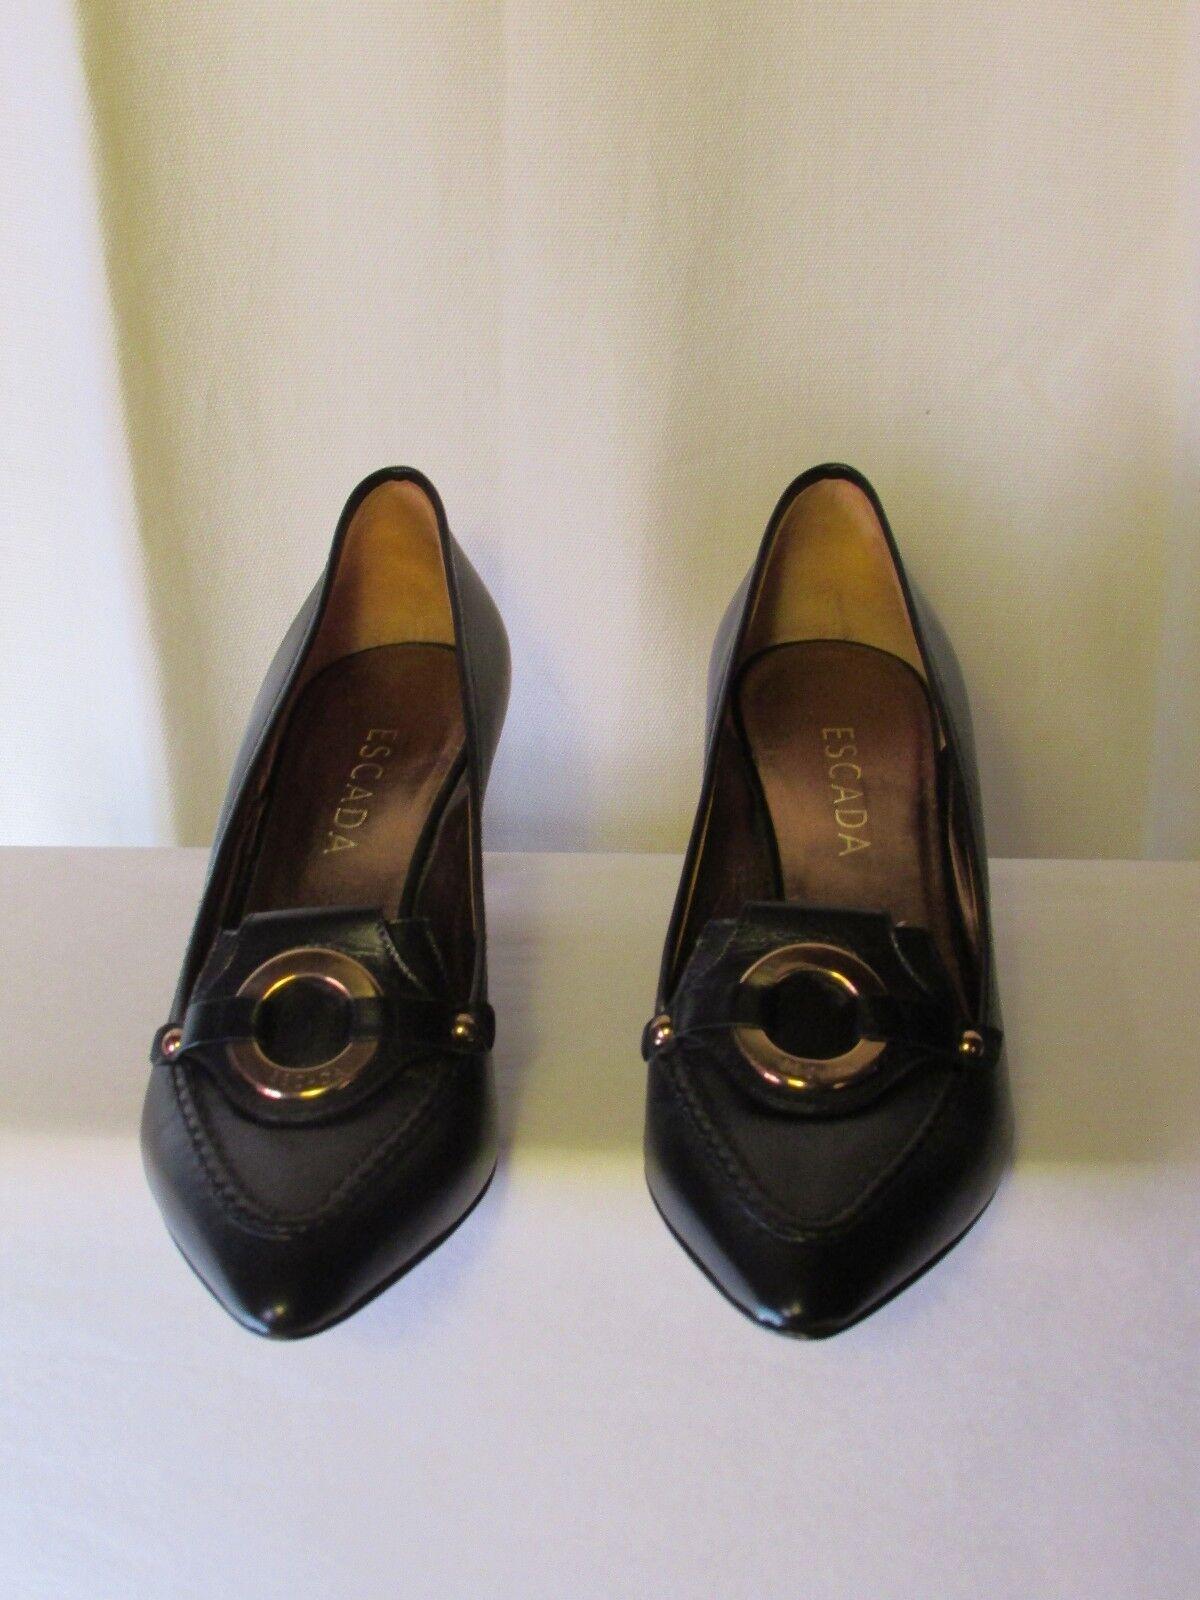 Scarpe escada pelle nera nera nera 38 | Prima classe nella sua classe  | Gentiluomo/Signora Scarpa  9aa875